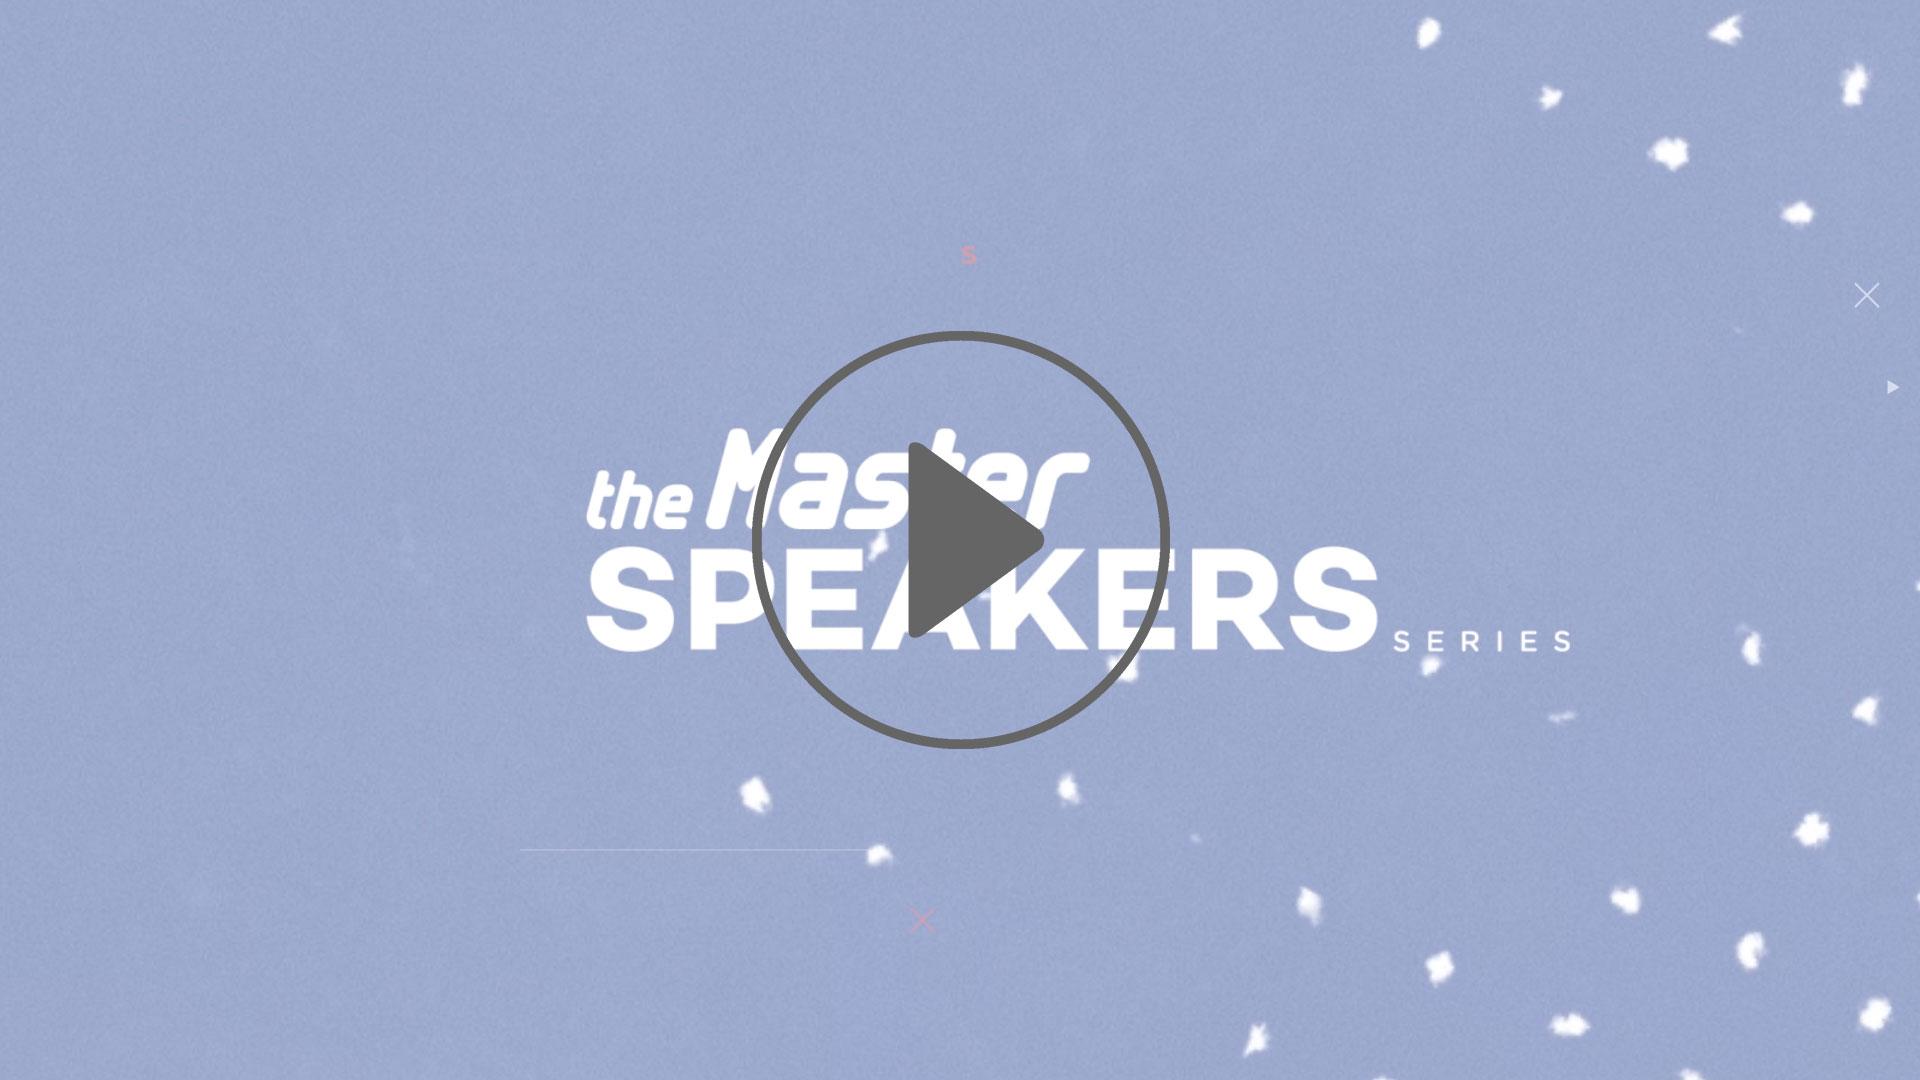 theMasterSpeakers – Dean Karnazes